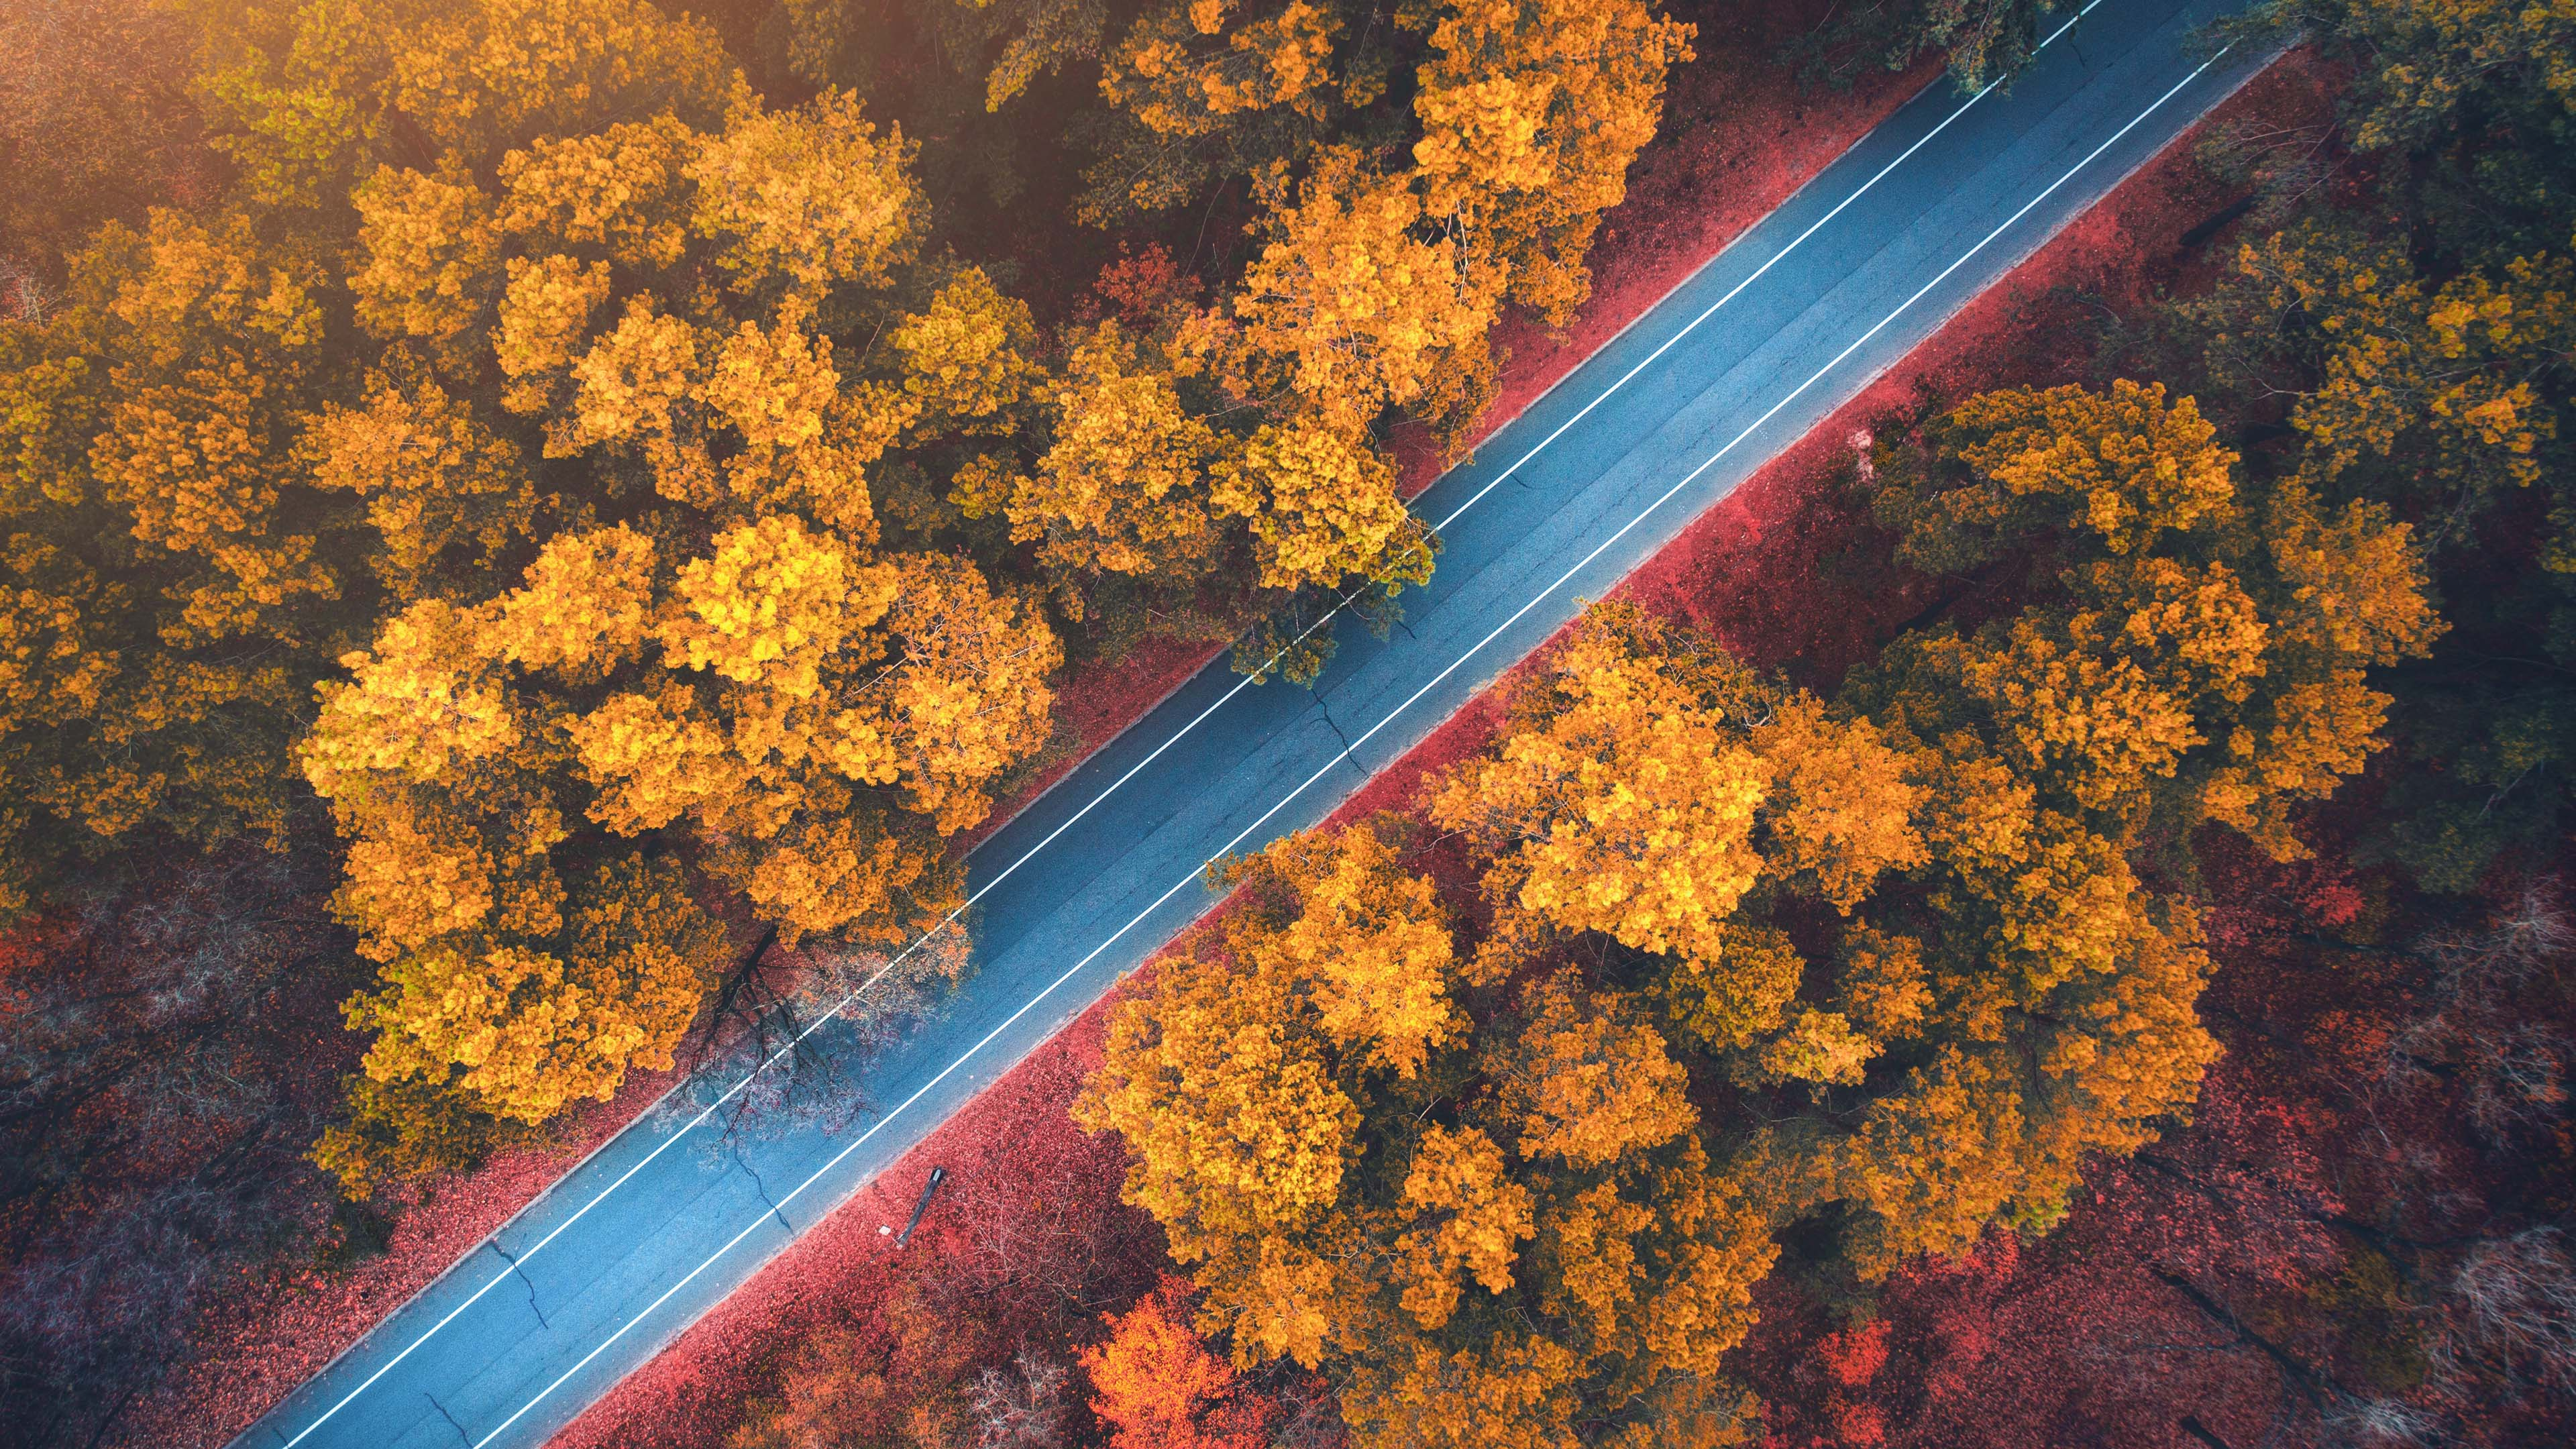 风景大片,秋意正浓,秋天的公路,树林,航拍